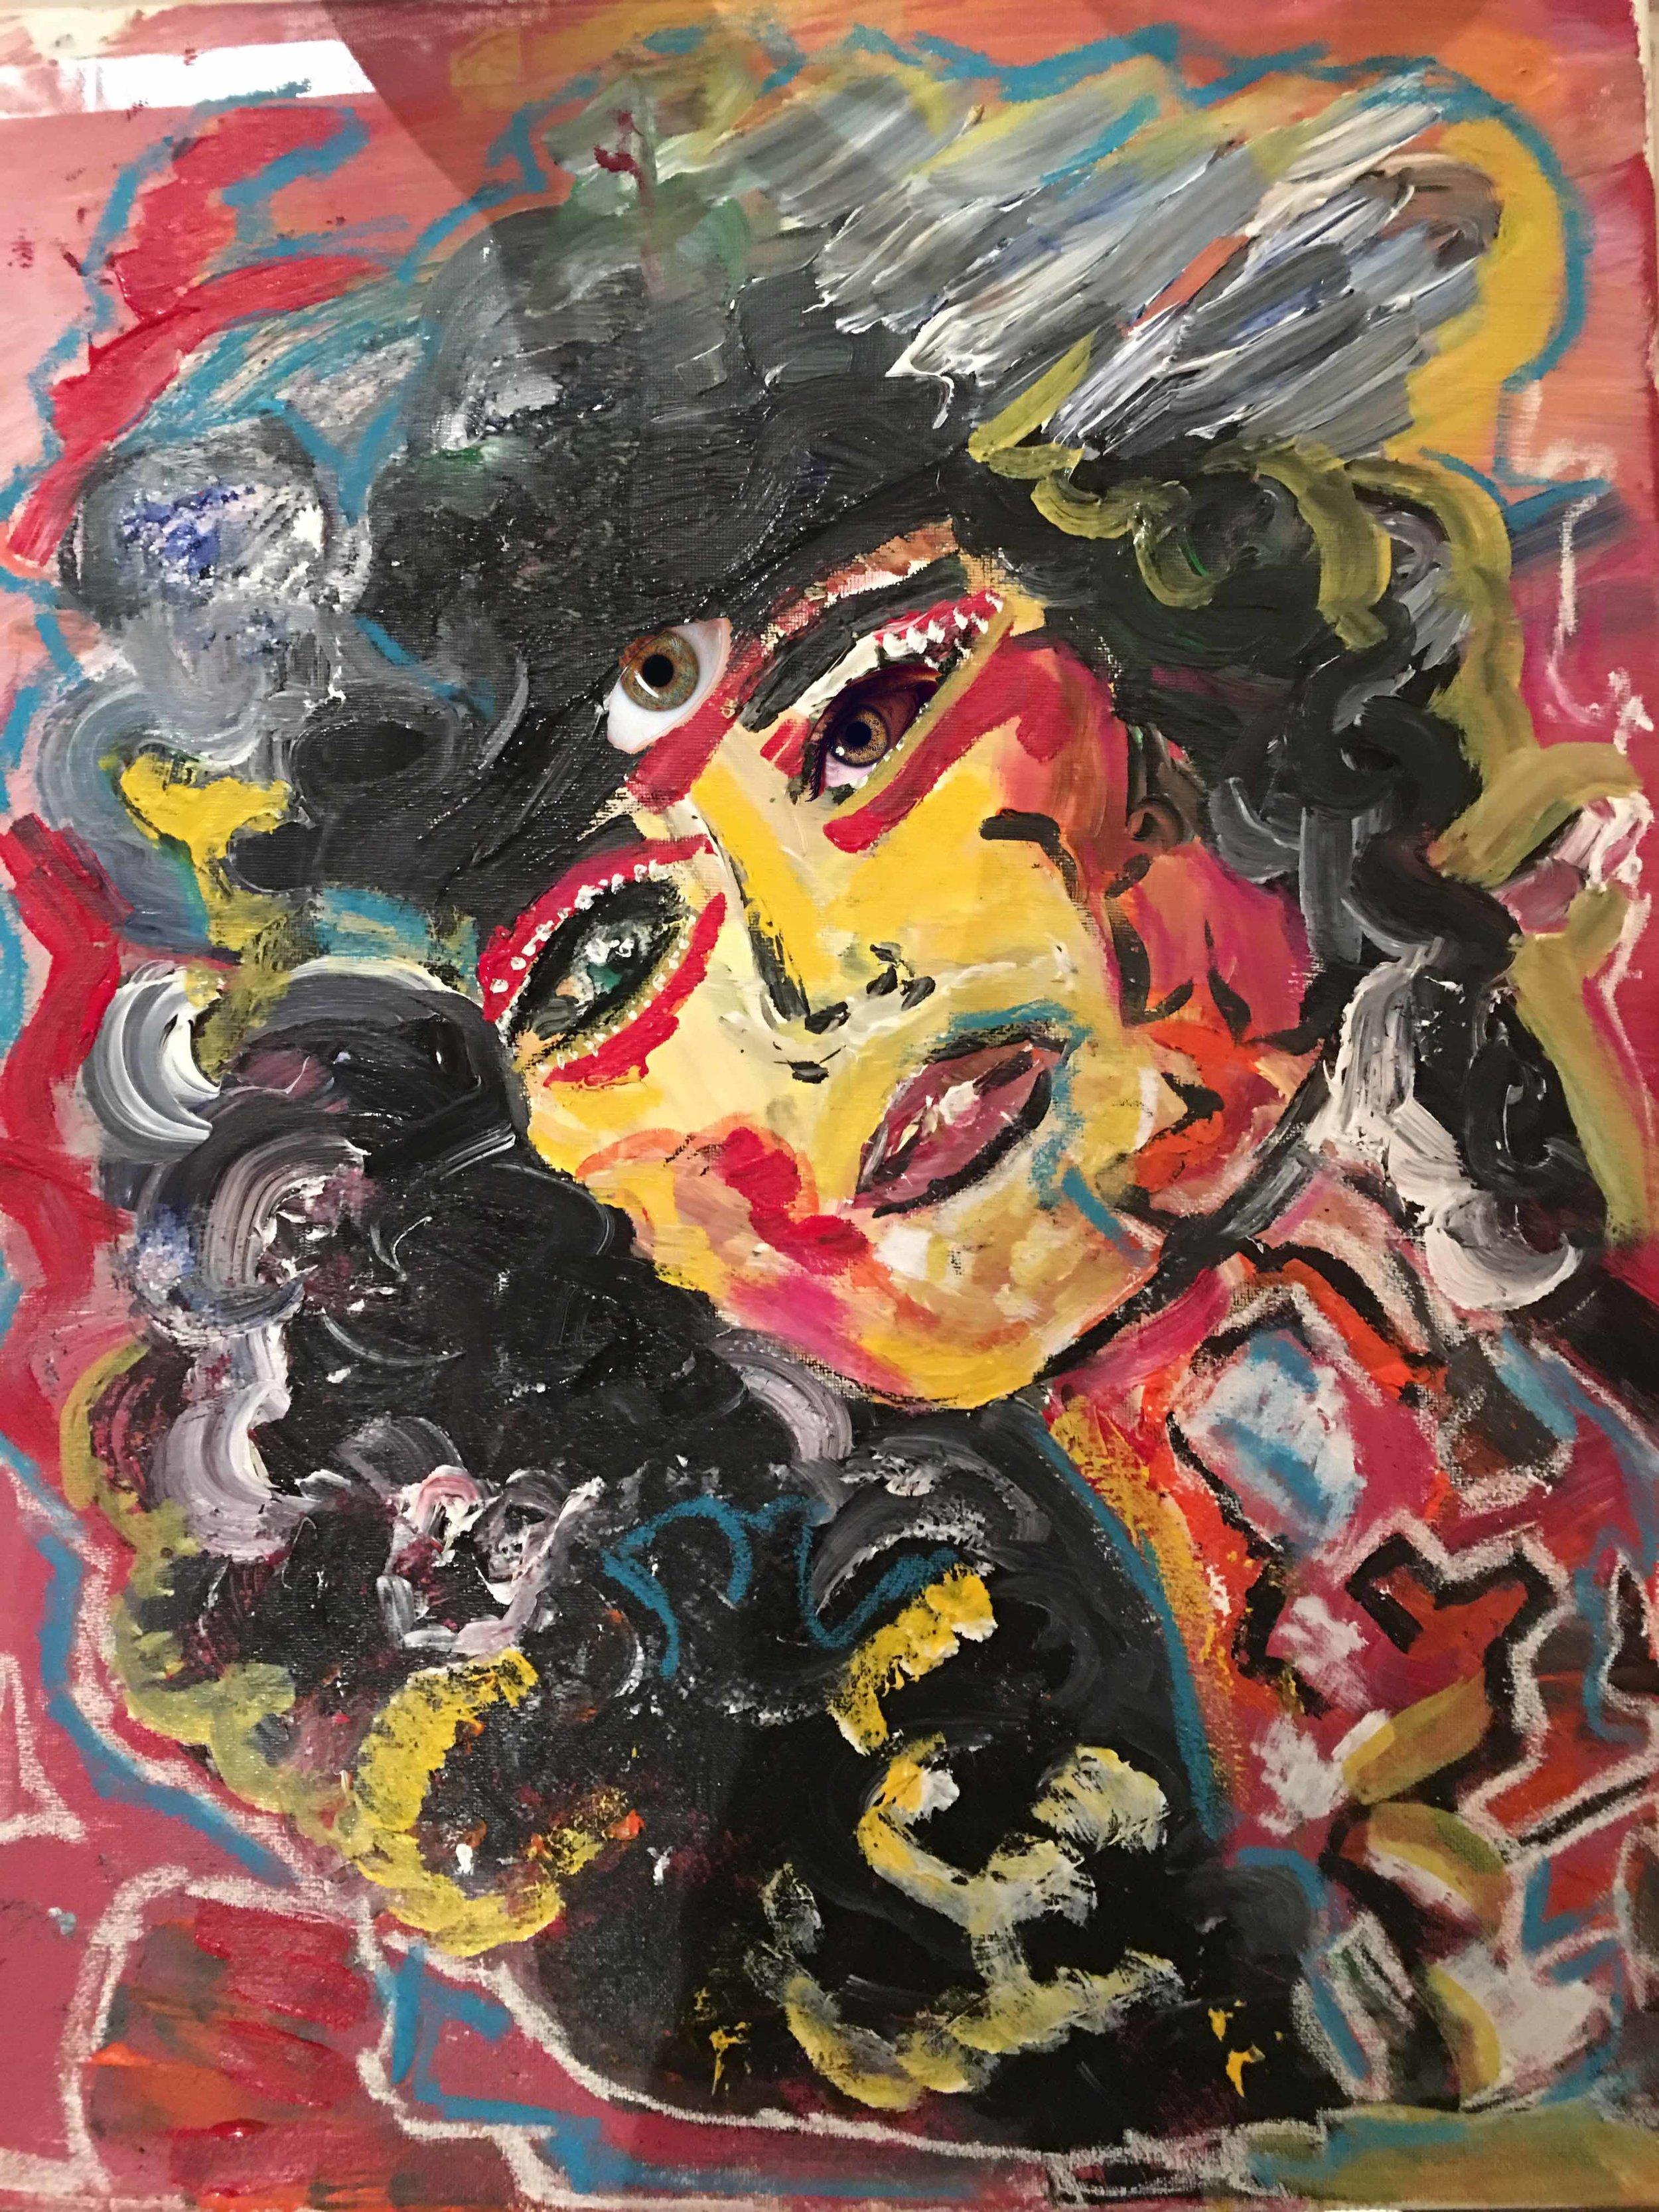 Disco girl, 2017, A4, acrylics